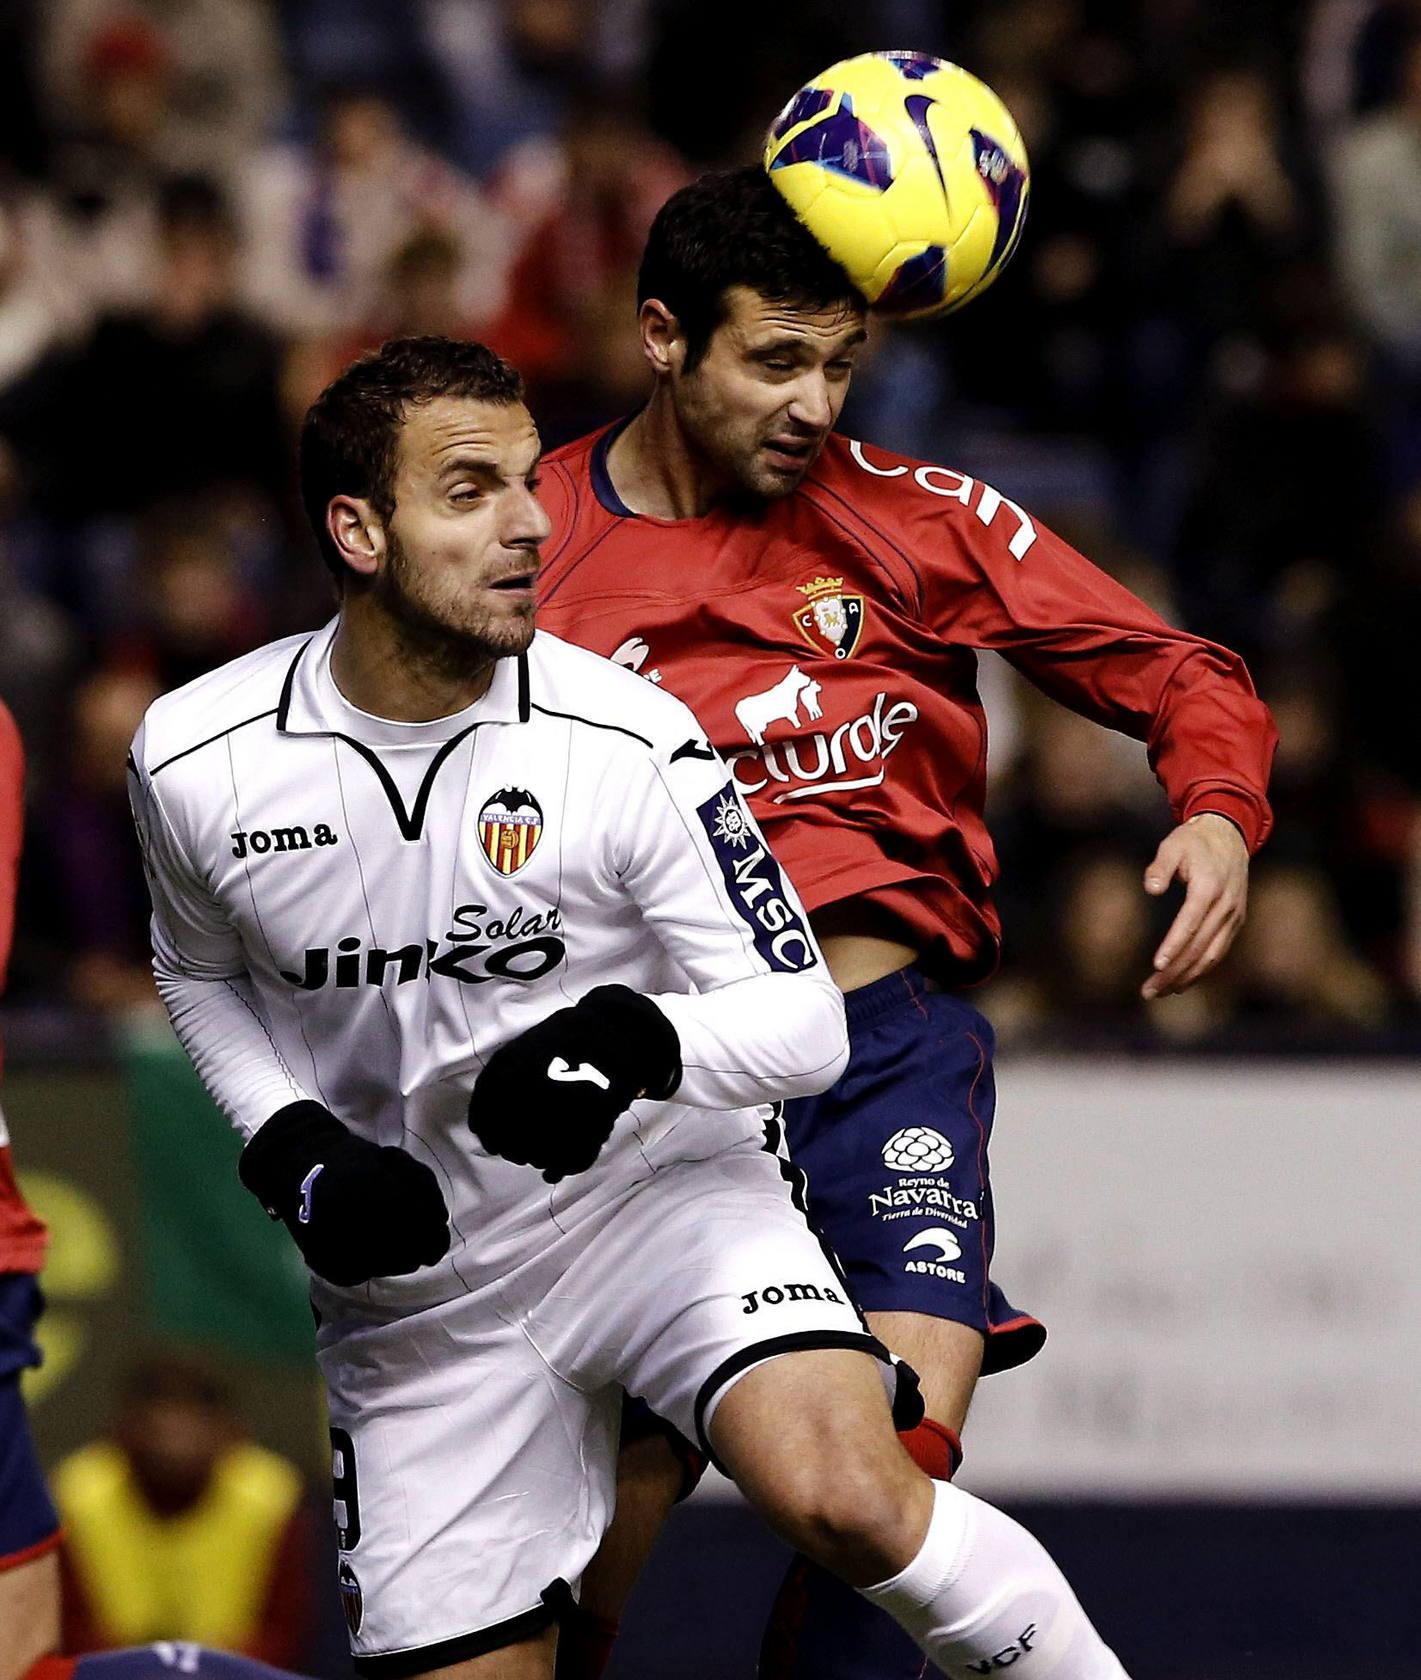 El Valencia gana en Pamplona